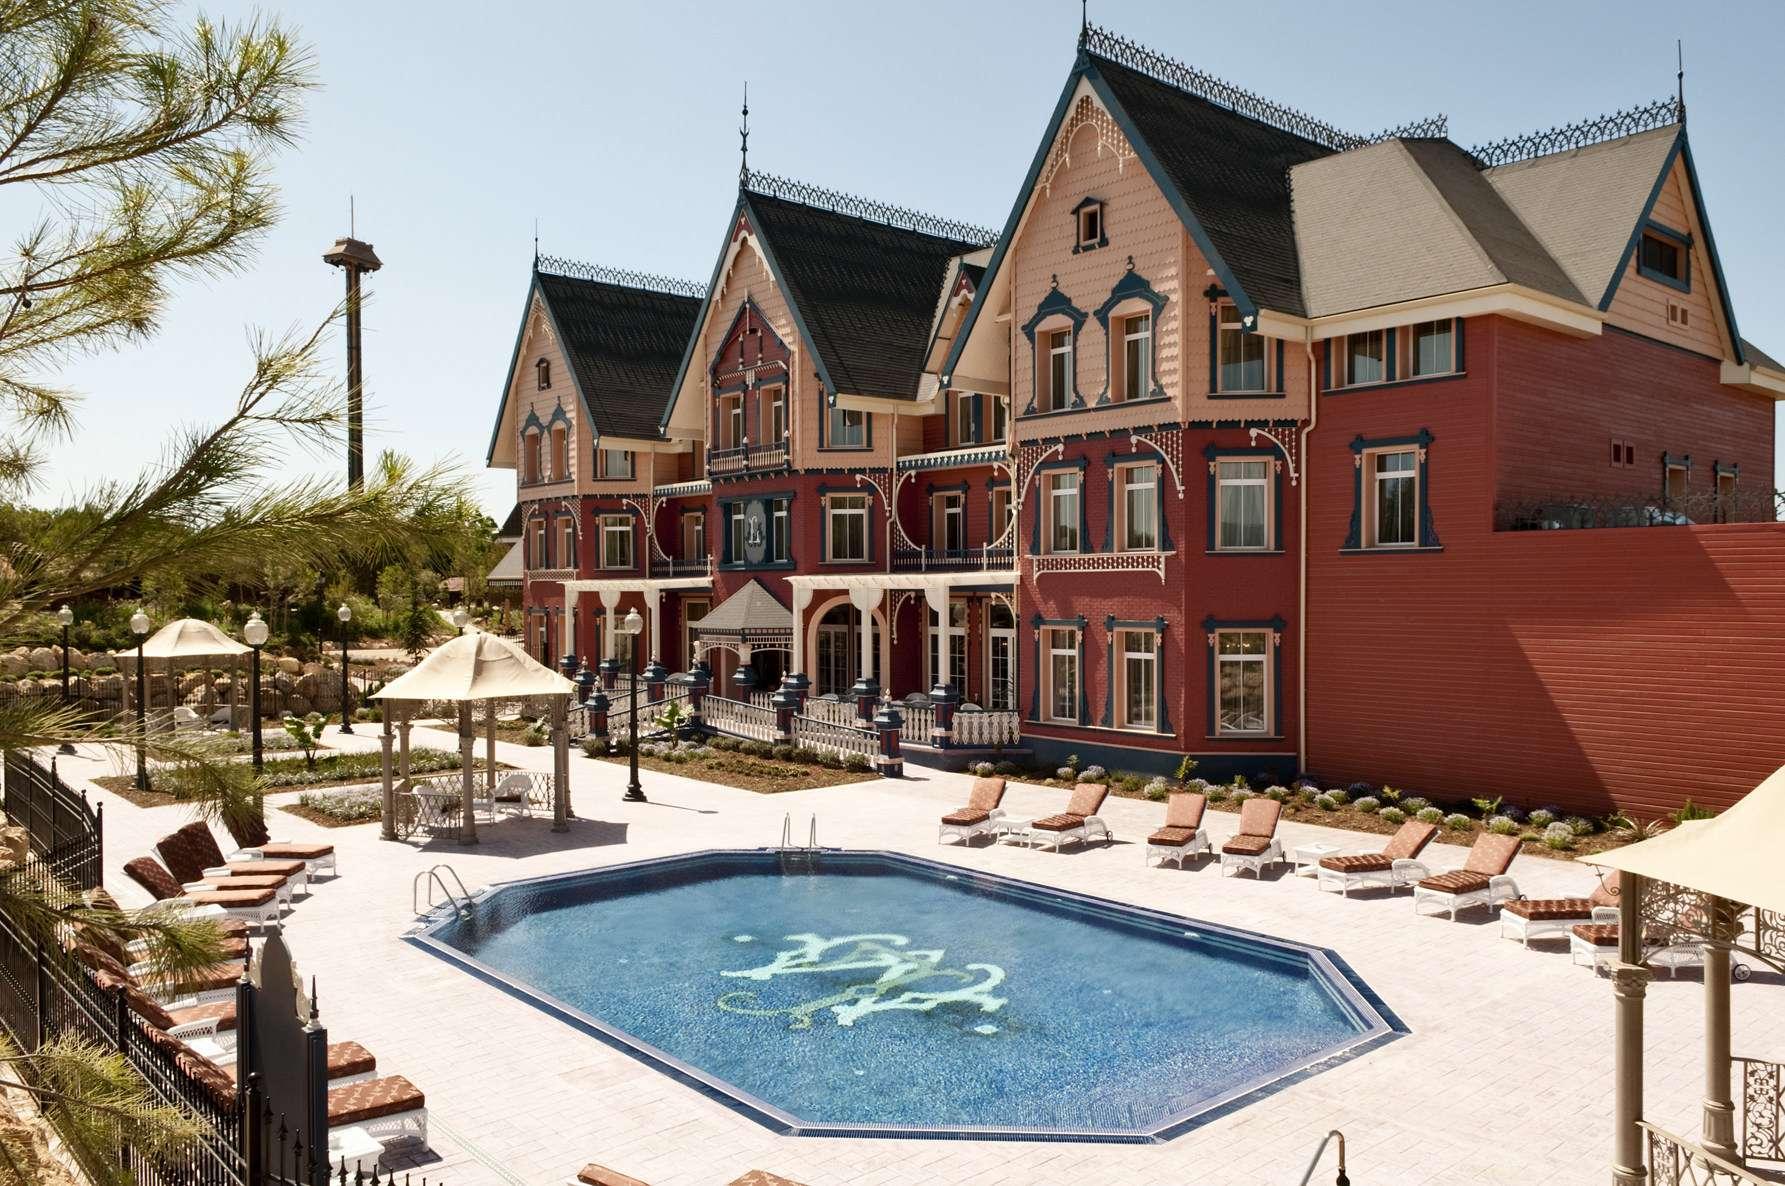 À PortAventura World, le célèbre parc d'attraction espagnol, il sera désormais possible de régler la note en bitcoin. © Courtesy of PortAventura Hotel Mansión de Lucy